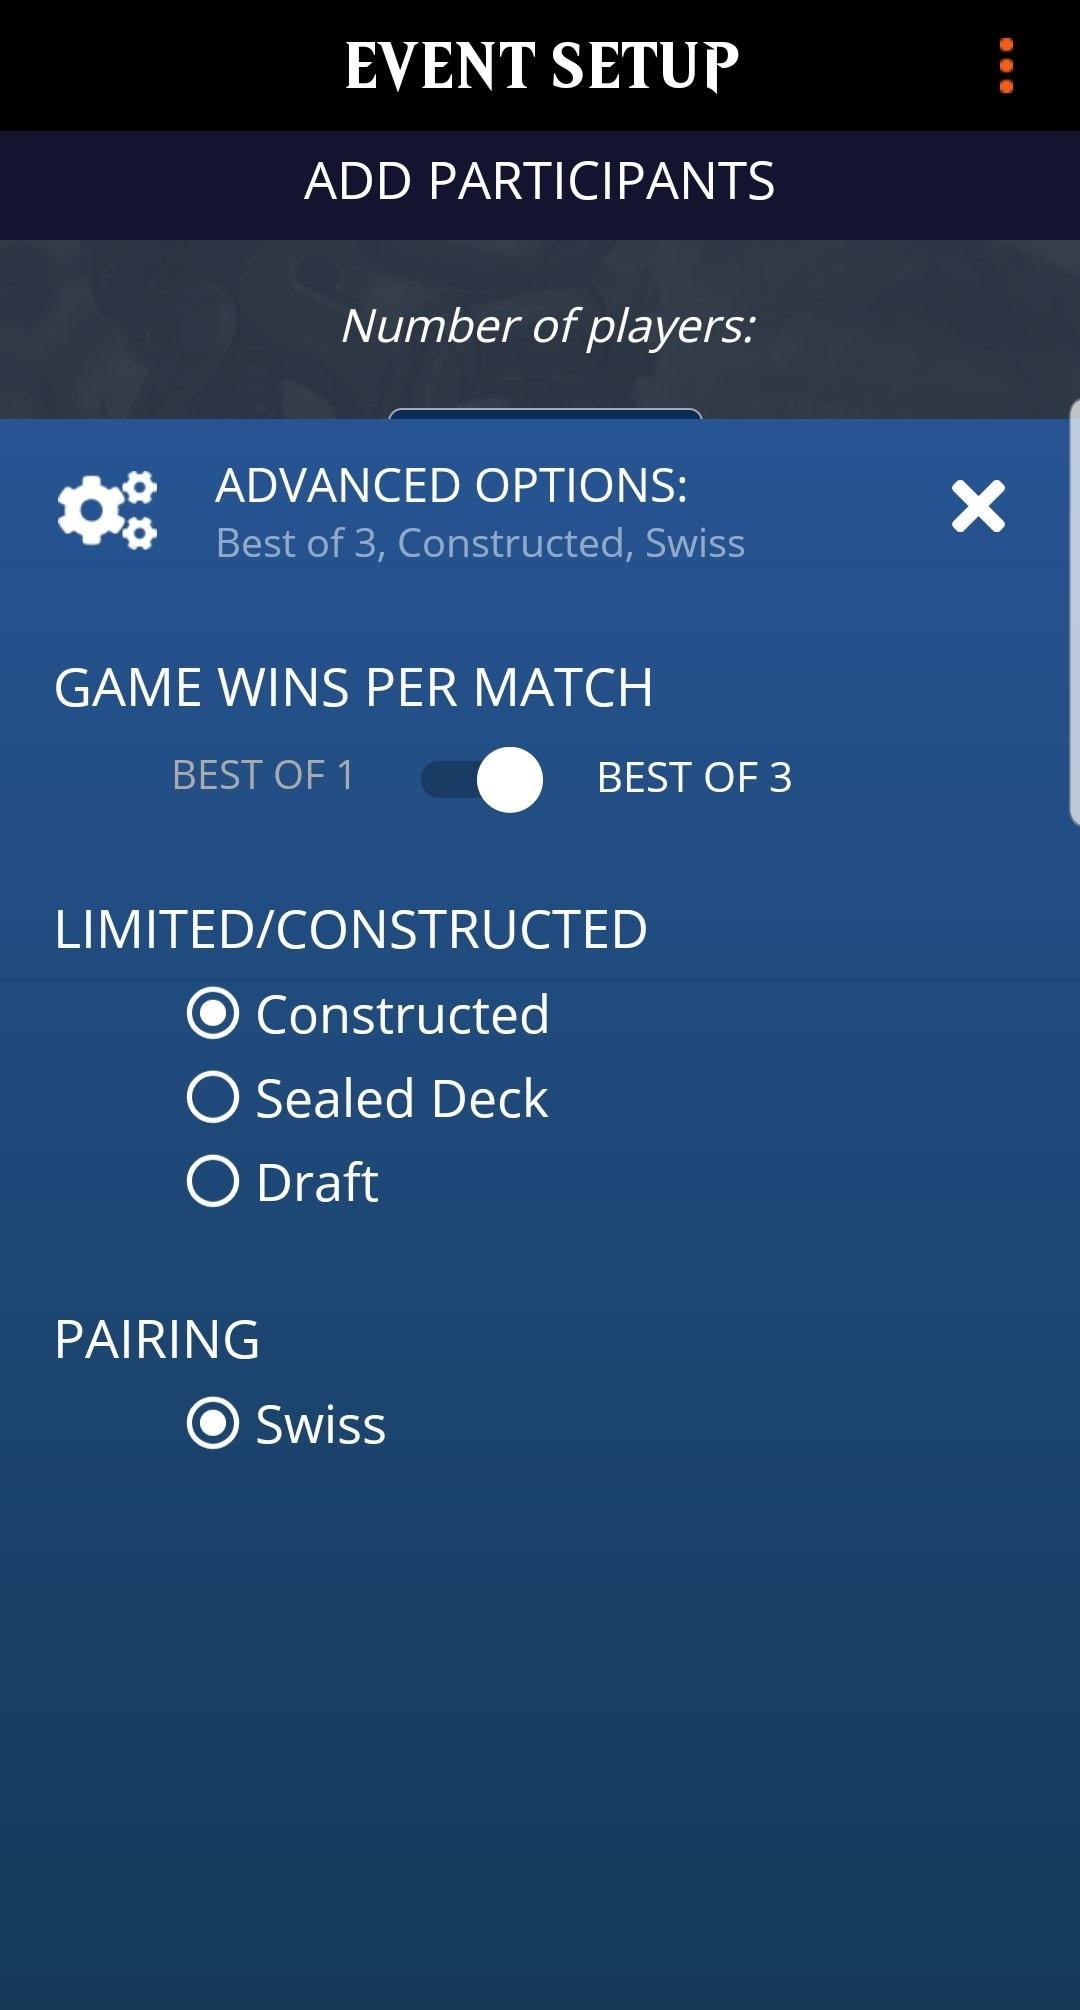 Erweiterte_Optionen_menu_beschnitten.jpg